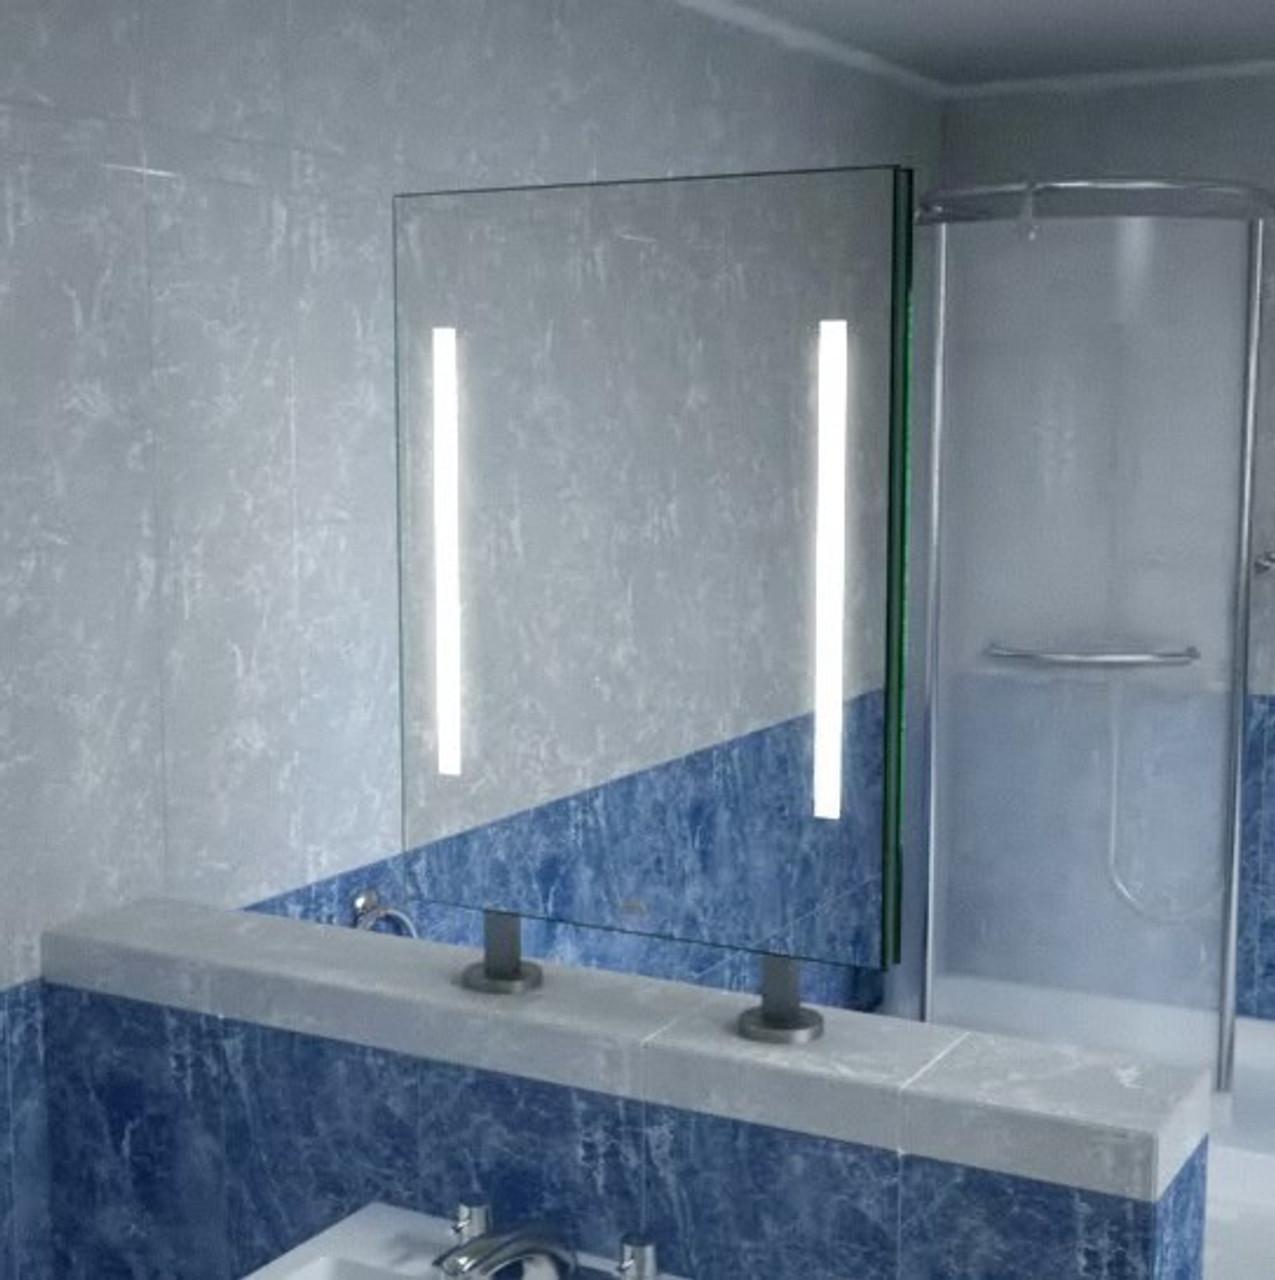 spiegel raumteiler adonis ii. Black Bedroom Furniture Sets. Home Design Ideas